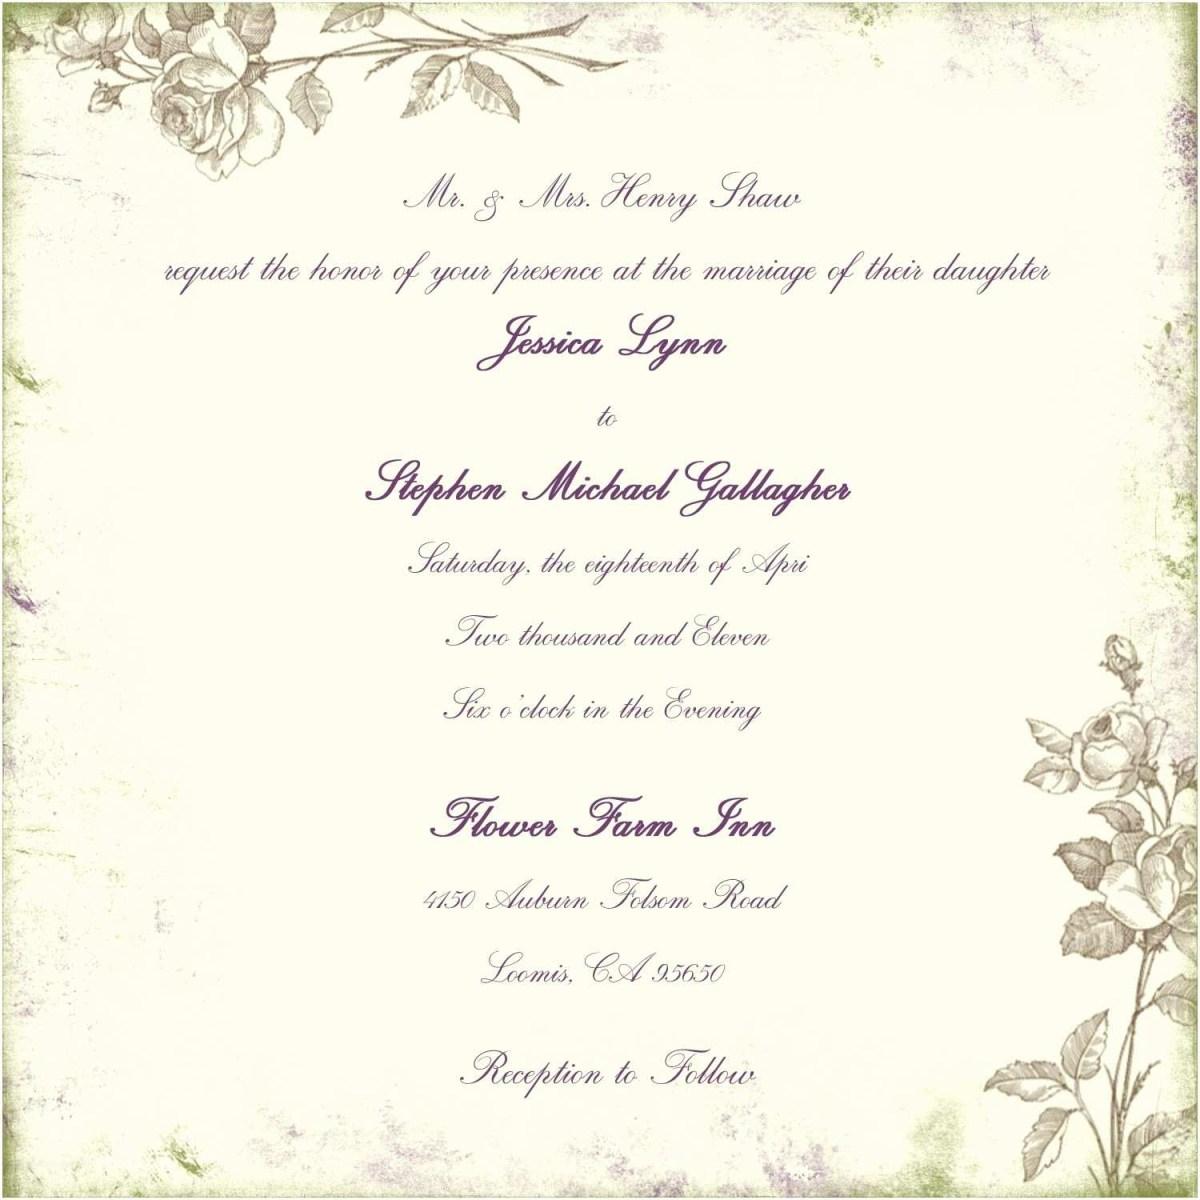 Creative Wedding Invitation Wording Special Wedding Invitation Wording Unique Wedding Invitation Wording